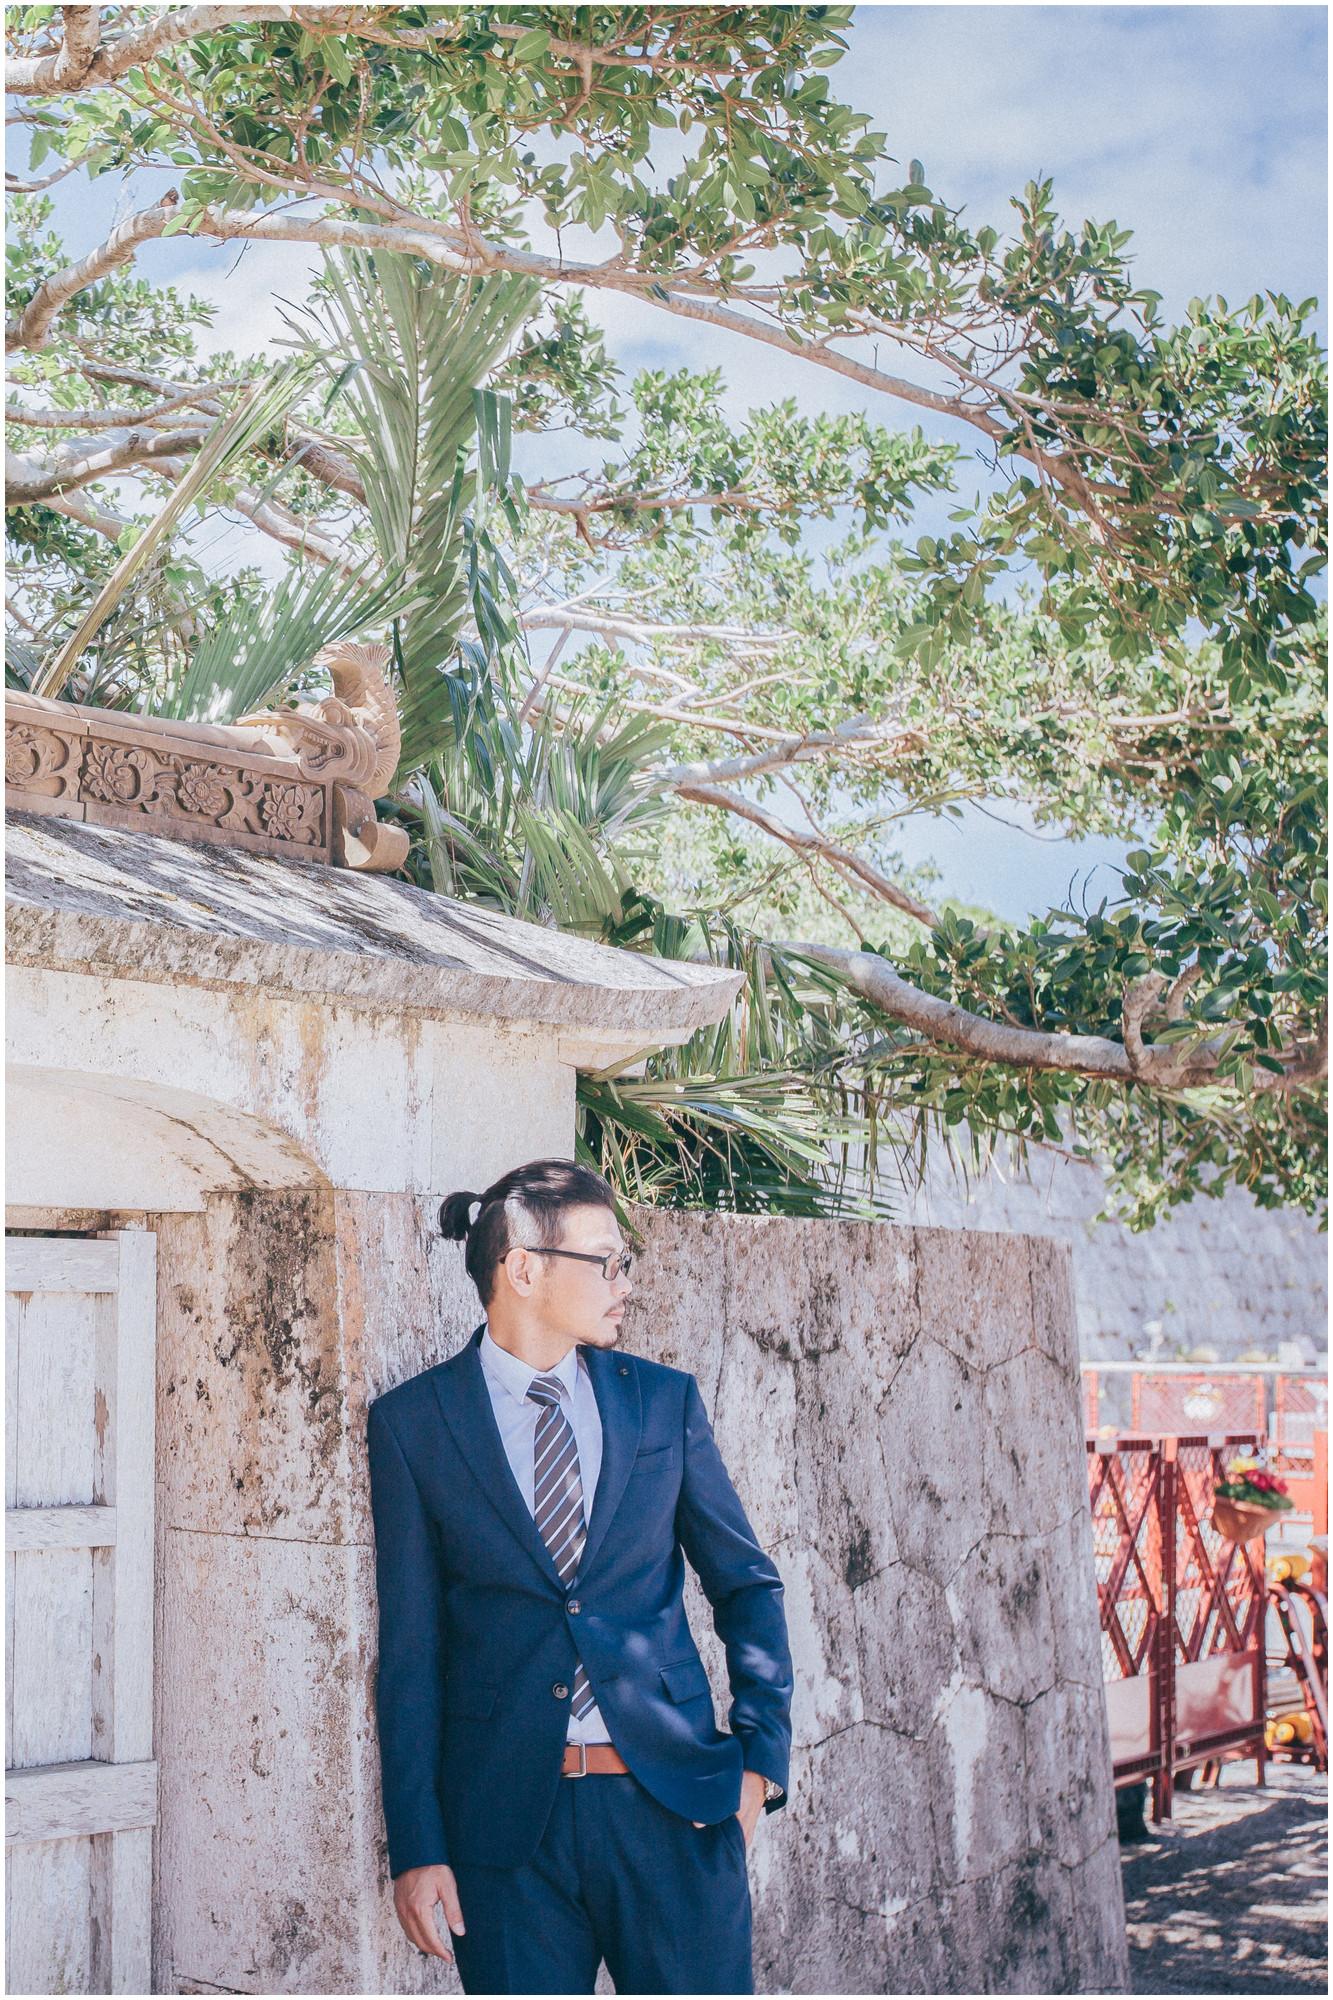 新原海灘 / 美國村 / 古宇利大橋 / 港川外人住宅區 / 國際通 / 板橋婚紗攝影 / 台北婚紗攝影